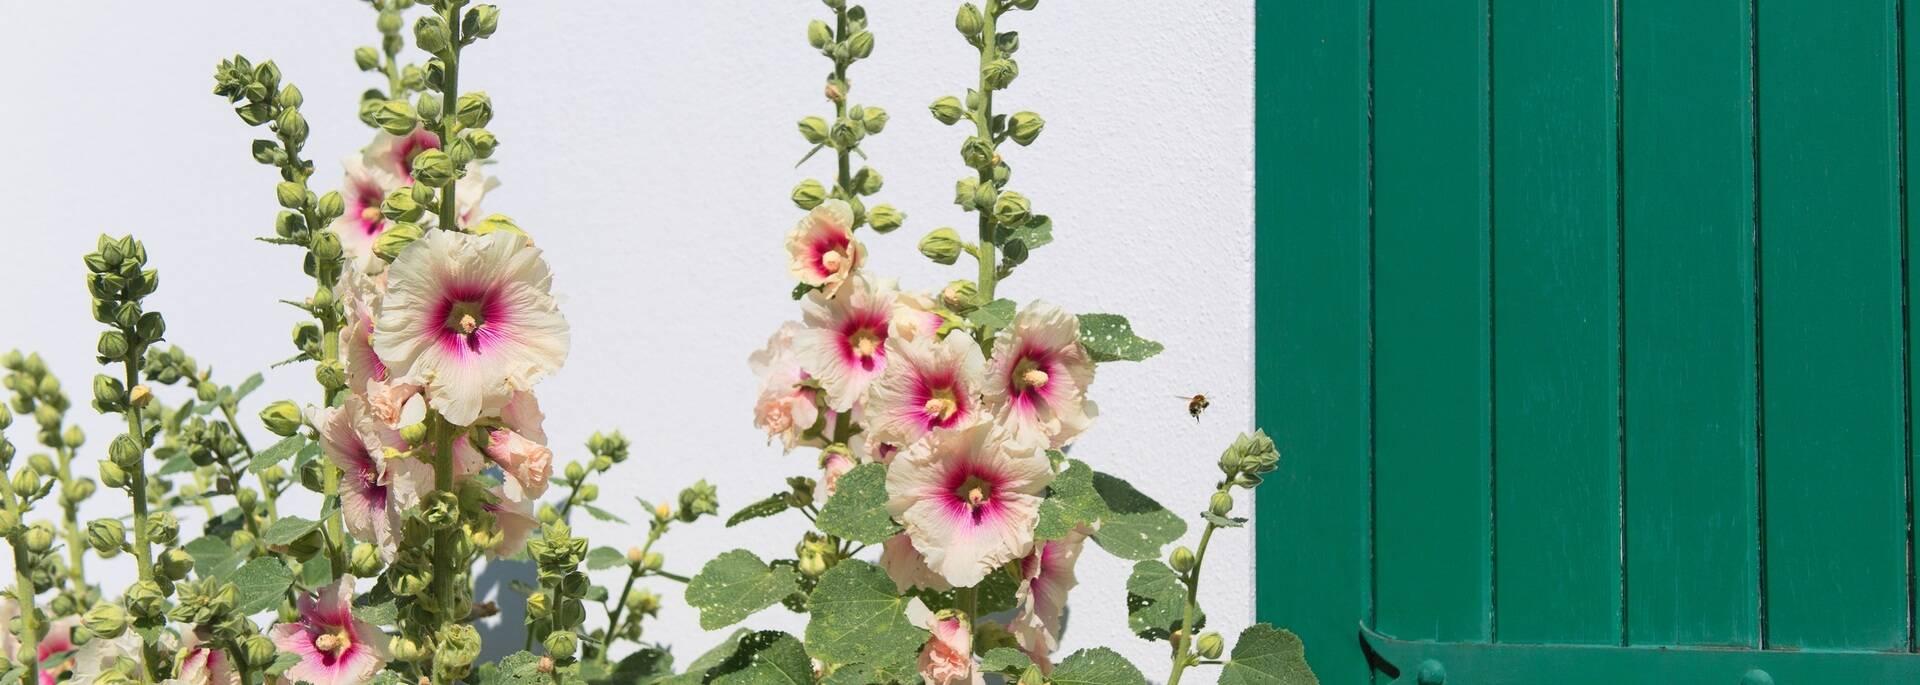 Roses trémières île de Ré ©shutterstock